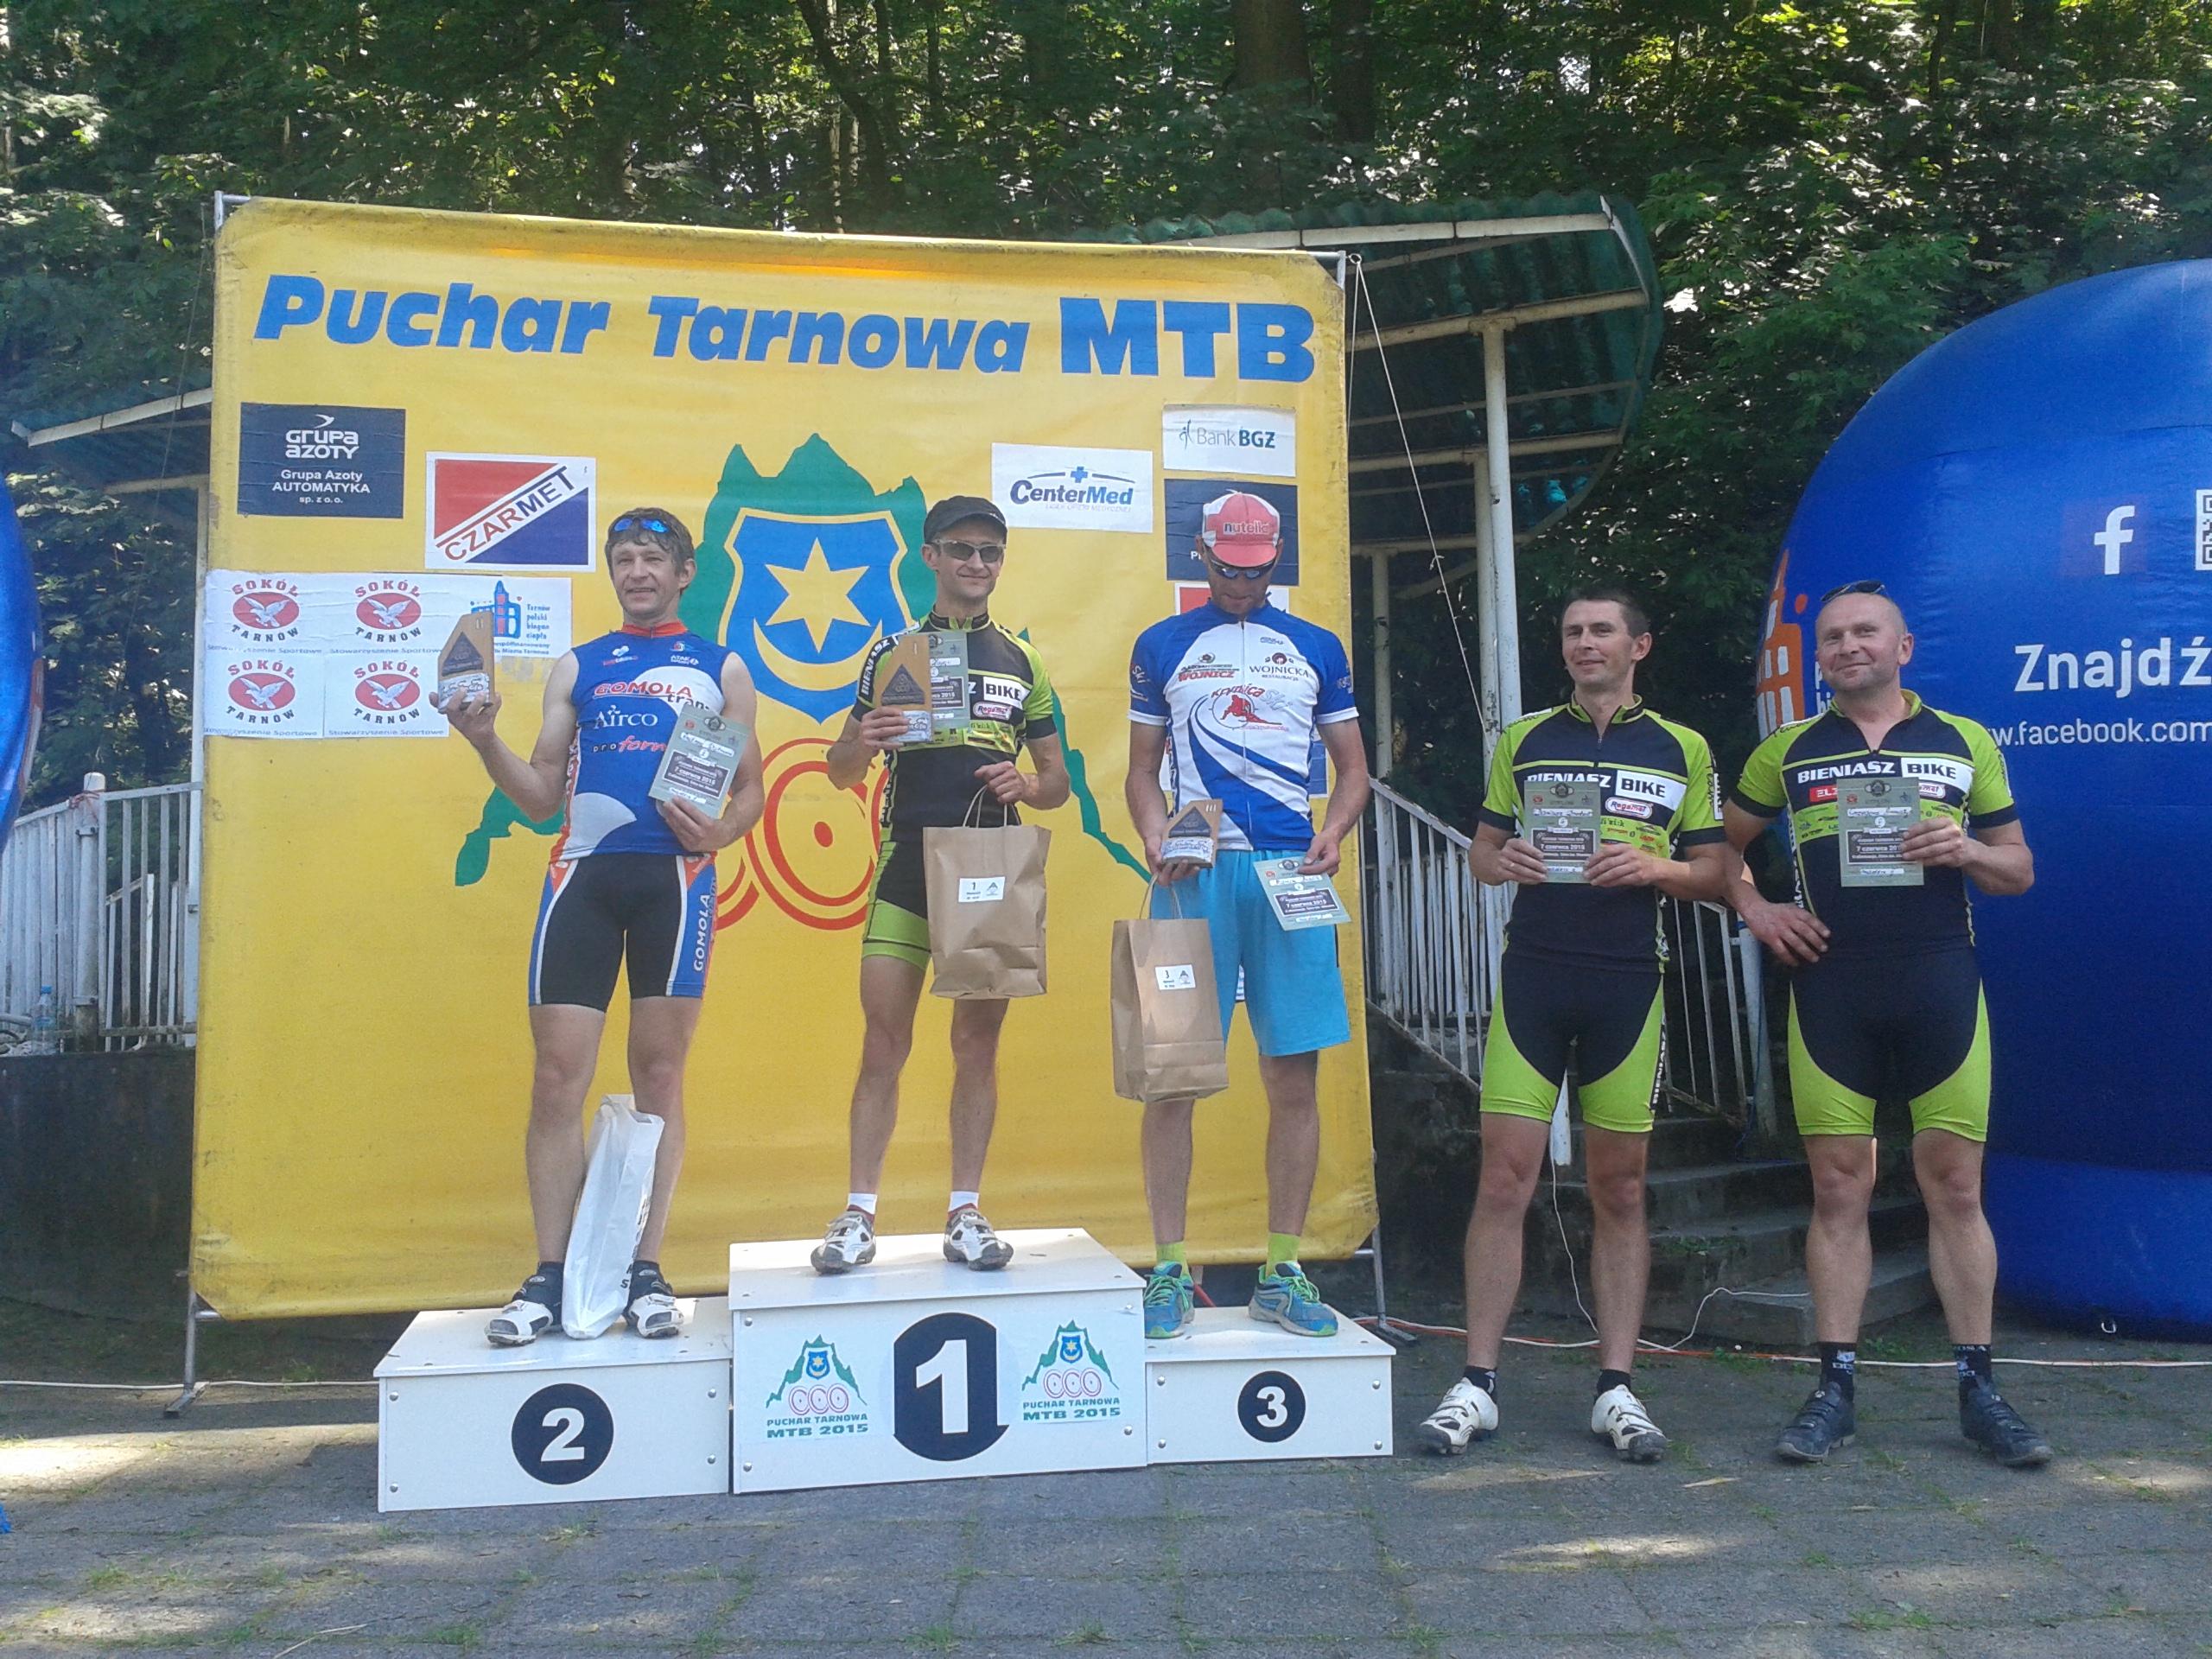 Piotr Zając (KCP Elzat Bieniasz Bike Górskie Orły Tarnów) – Puchar Tarnowa